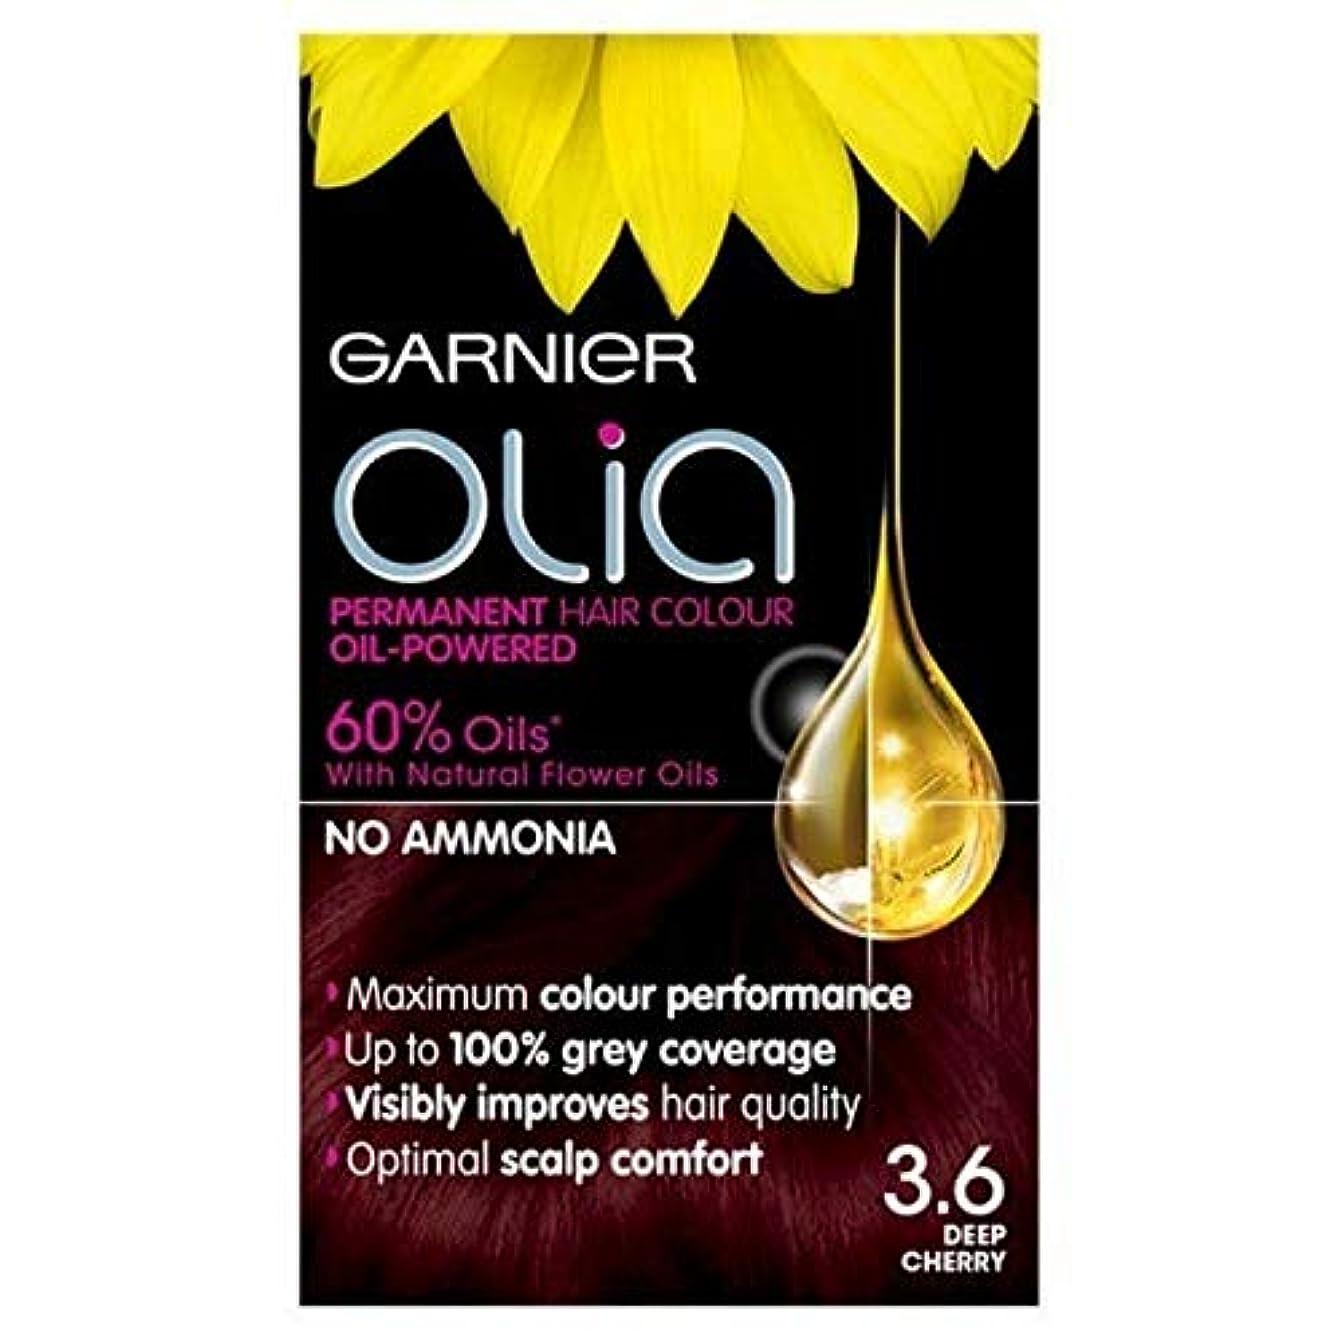 集中的な放置シニス[Garnier ] 3.6永久染毛剤深いチェリーレッドガルニエOlia - Garnier Olia Permanent Hair Dye Deep Cherry Red 3.6 [並行輸入品]